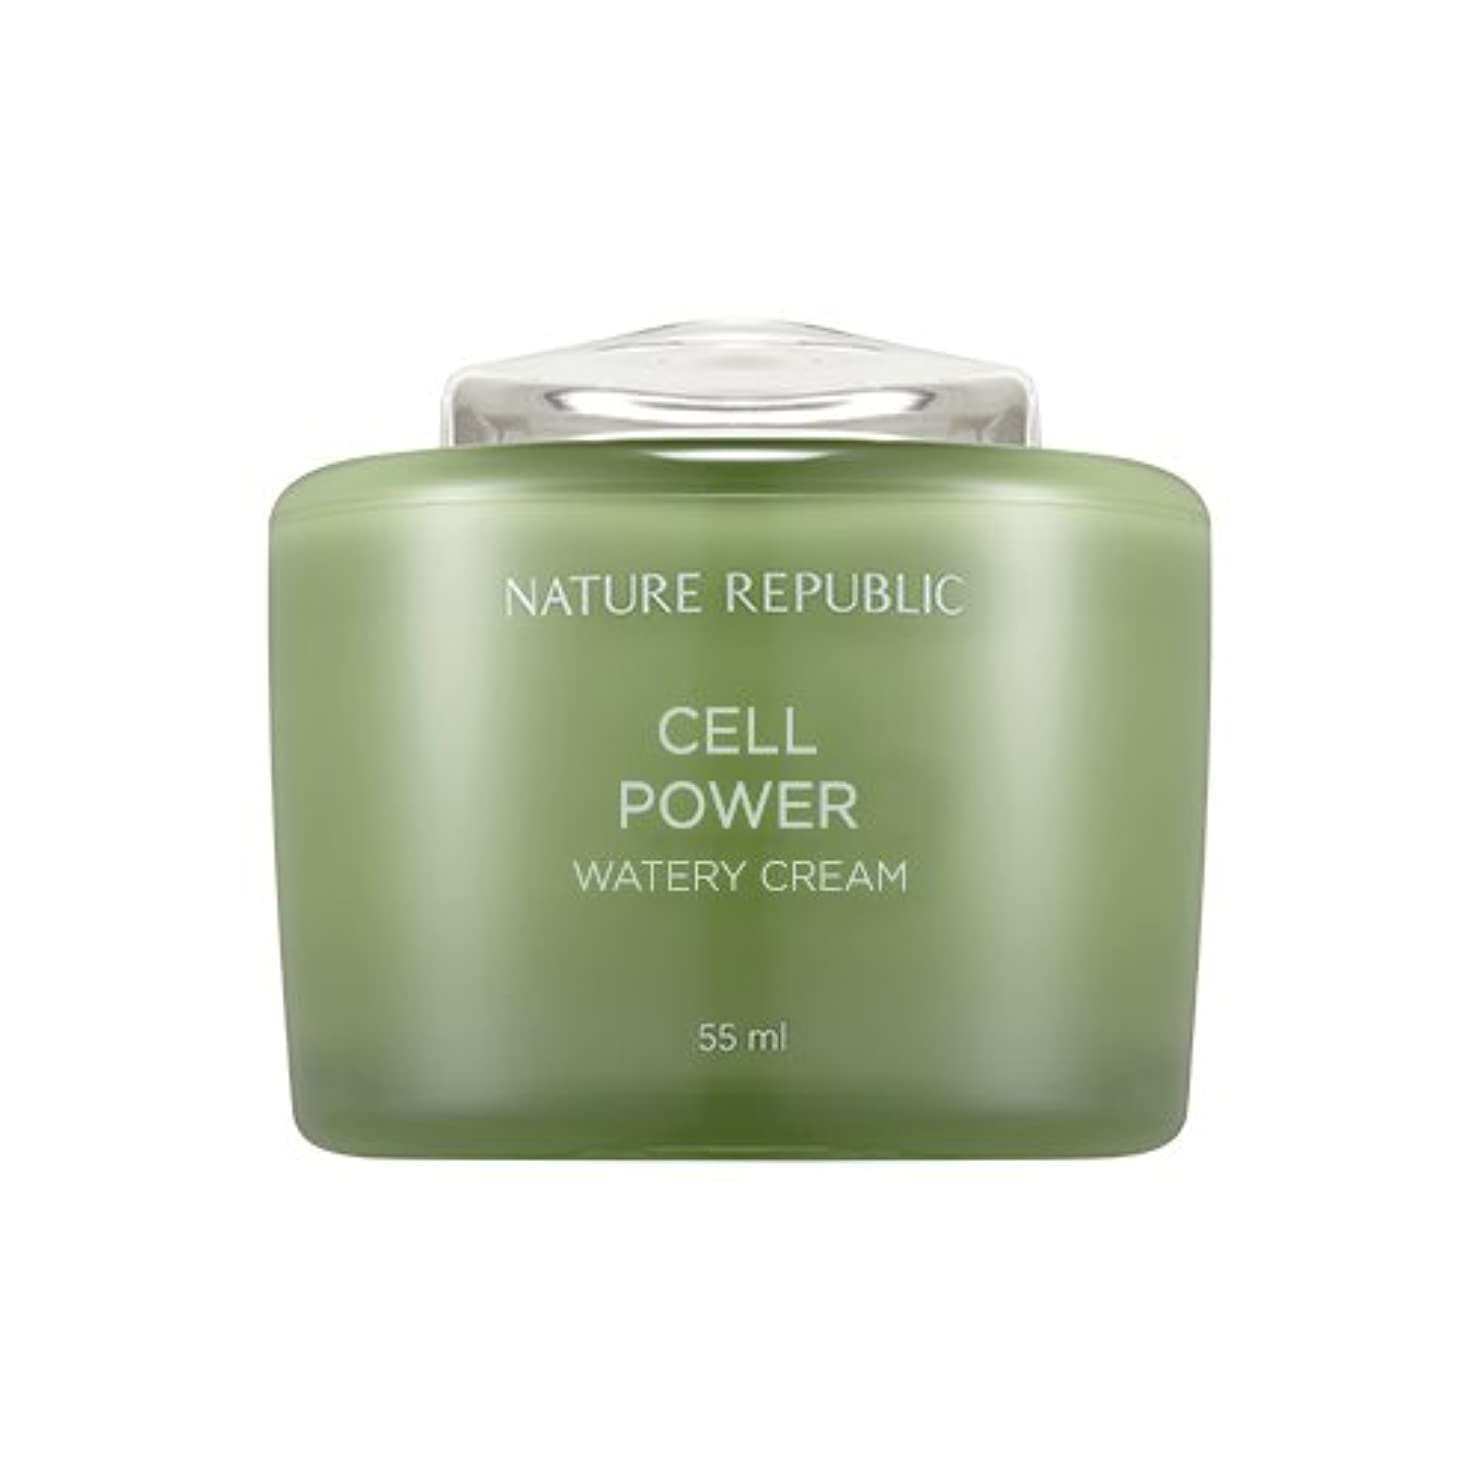 魔術呼吸待ってNature Republic Cell Boosting Watery Cream 55ml / ネイチャーリパブリックセルブースティングウォーターリークリーム 55ml [並行輸入品]